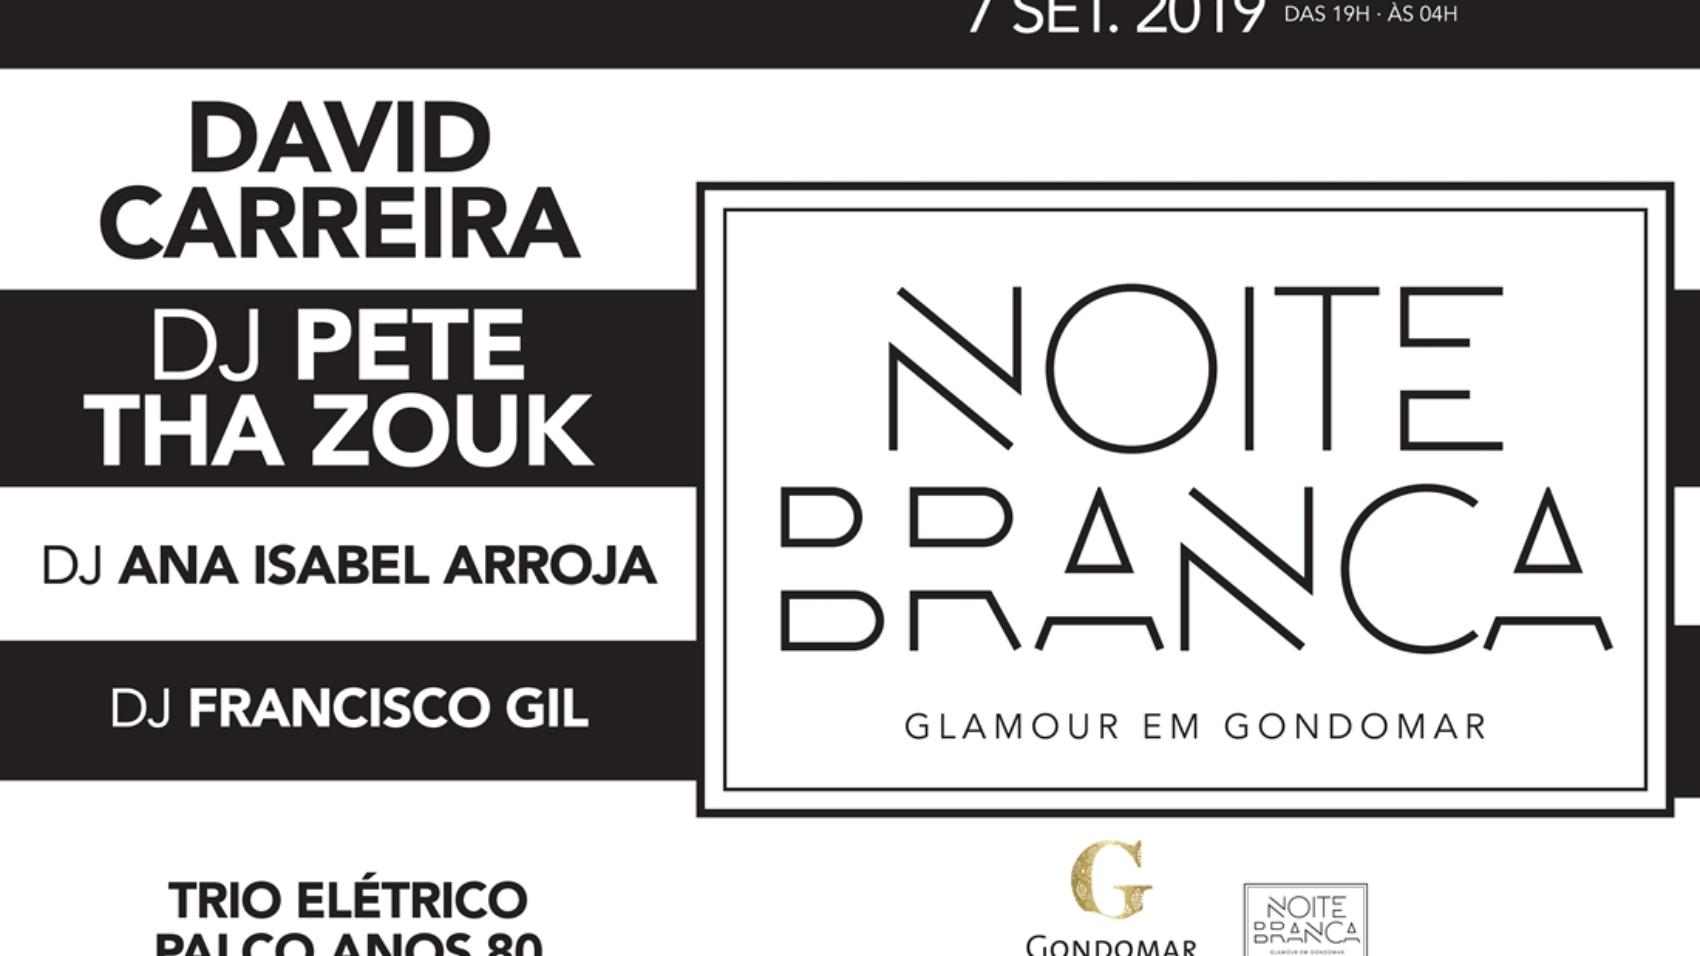 Douro Canoa Clube veste-se de branco na noite de Gondomar blog Canoagem Divulgação Douro Canoa Clube